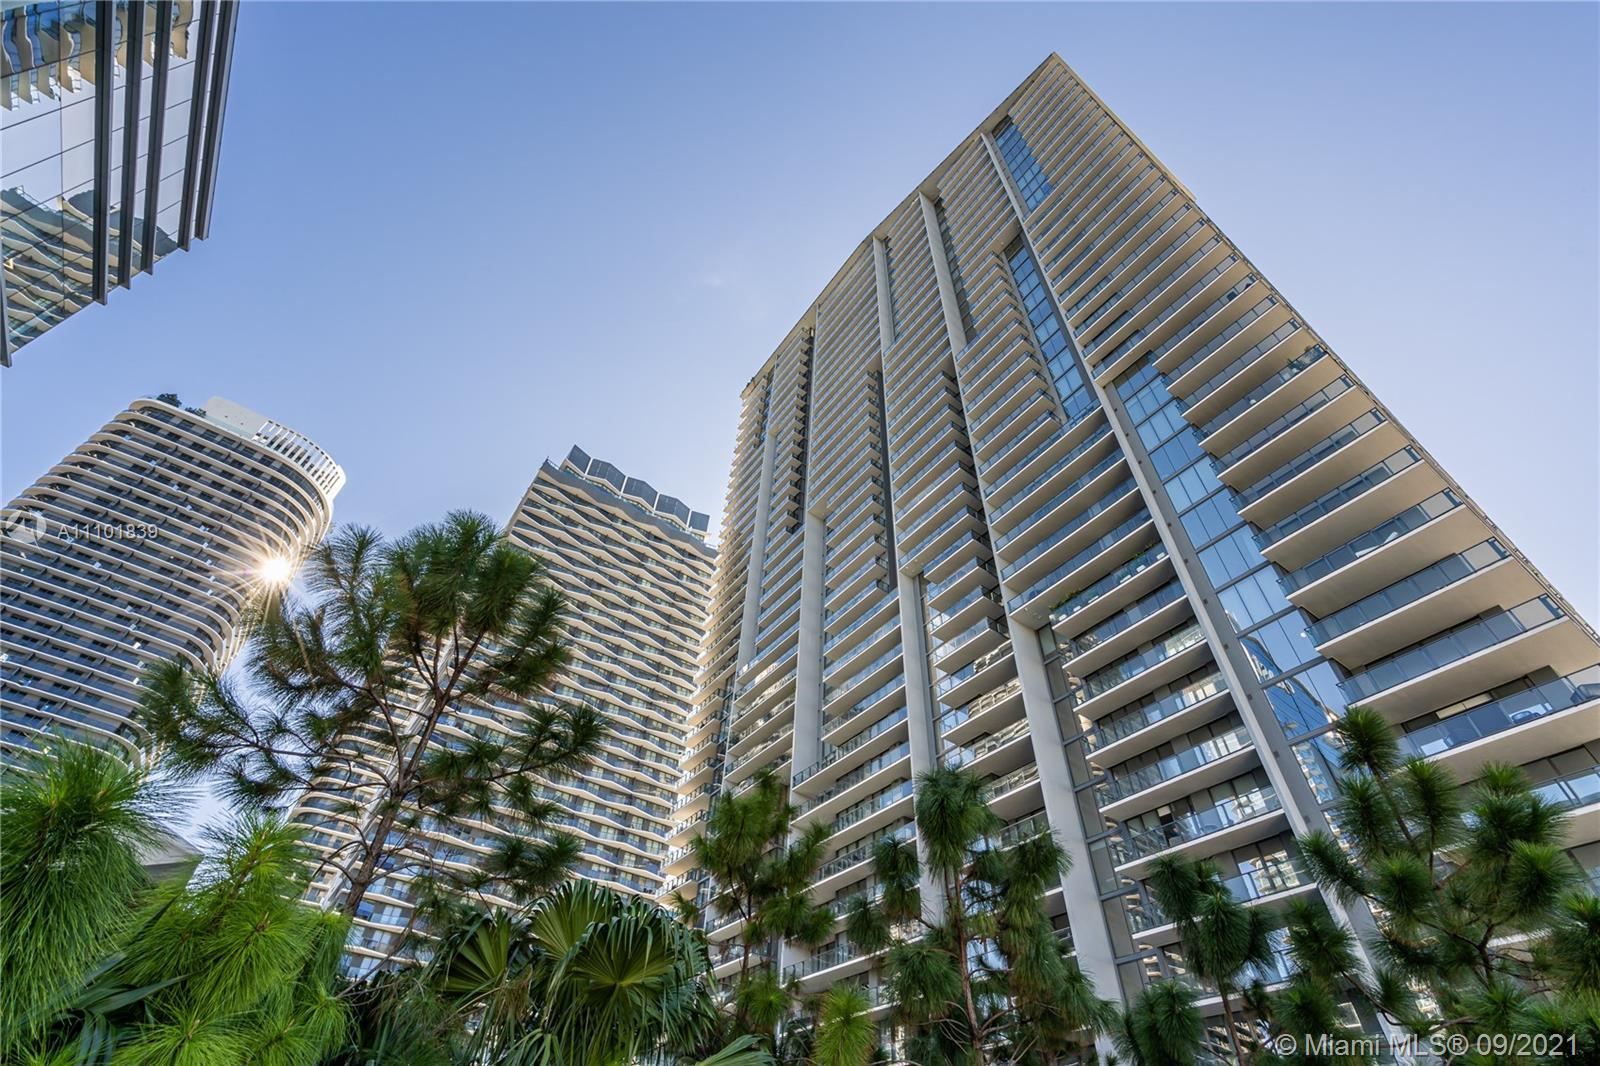 Rise Brickell City Centre #2611 - 88 SW 7th St #2611, Miami, FL 33130